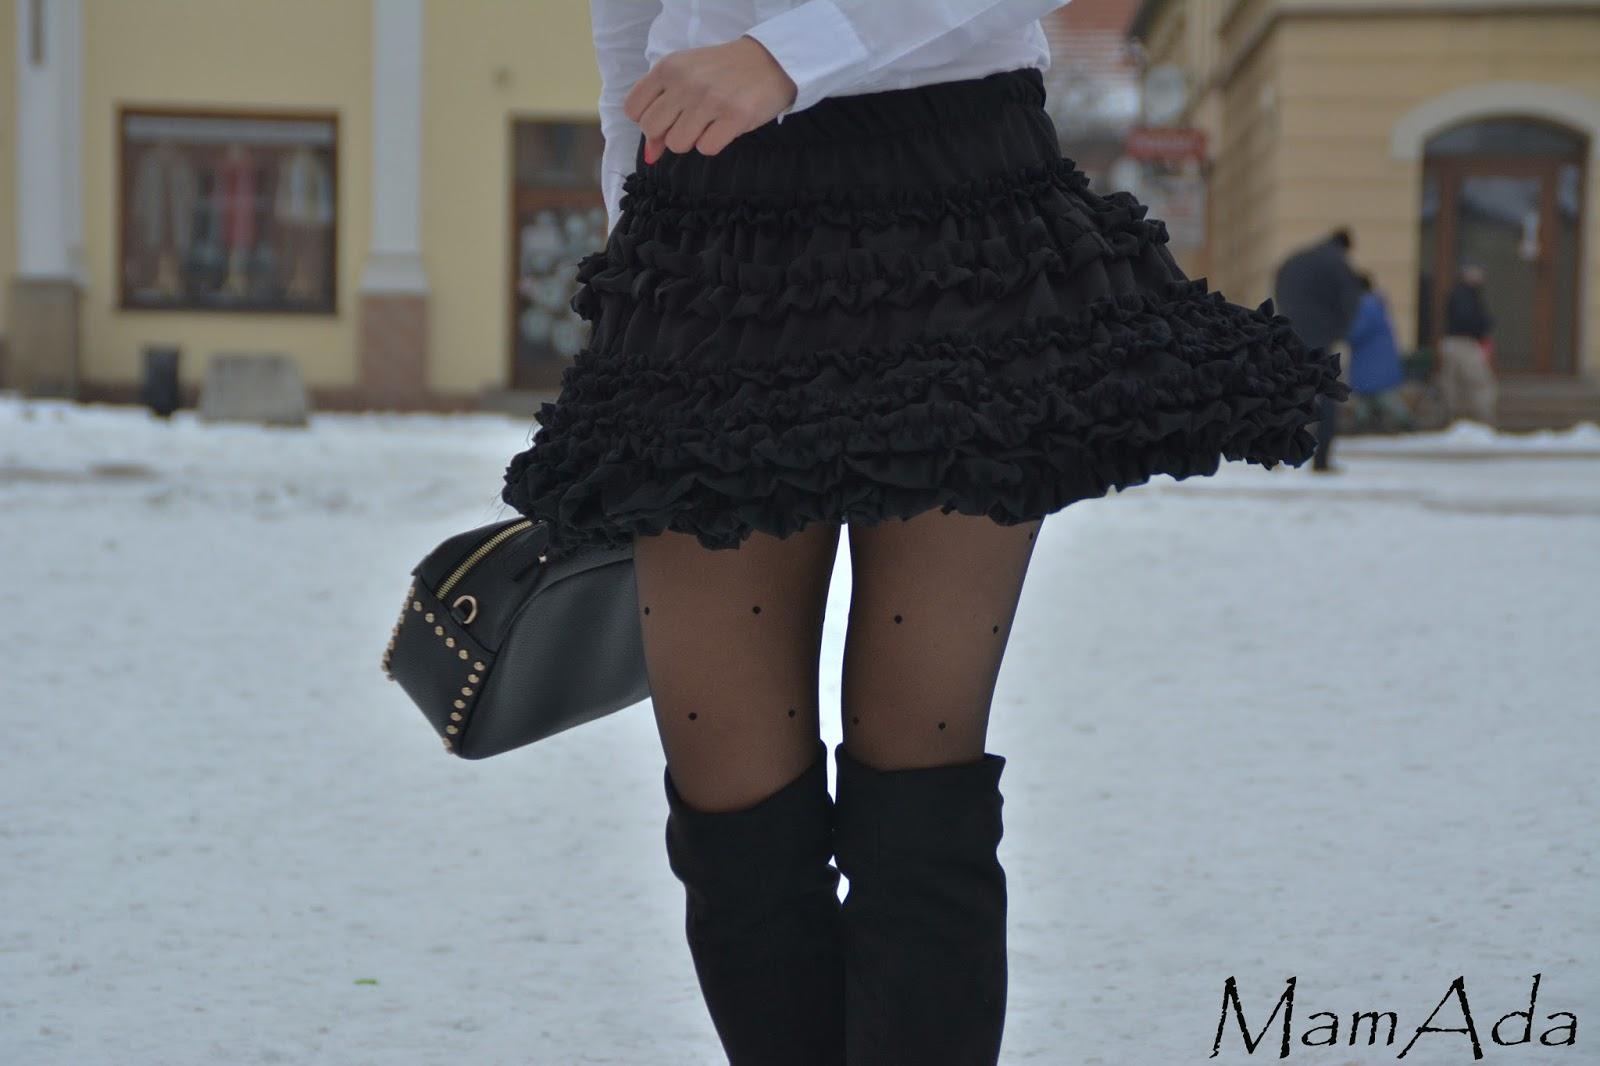 54f6c379 Biała koszula i czarna spódnica – MamAda